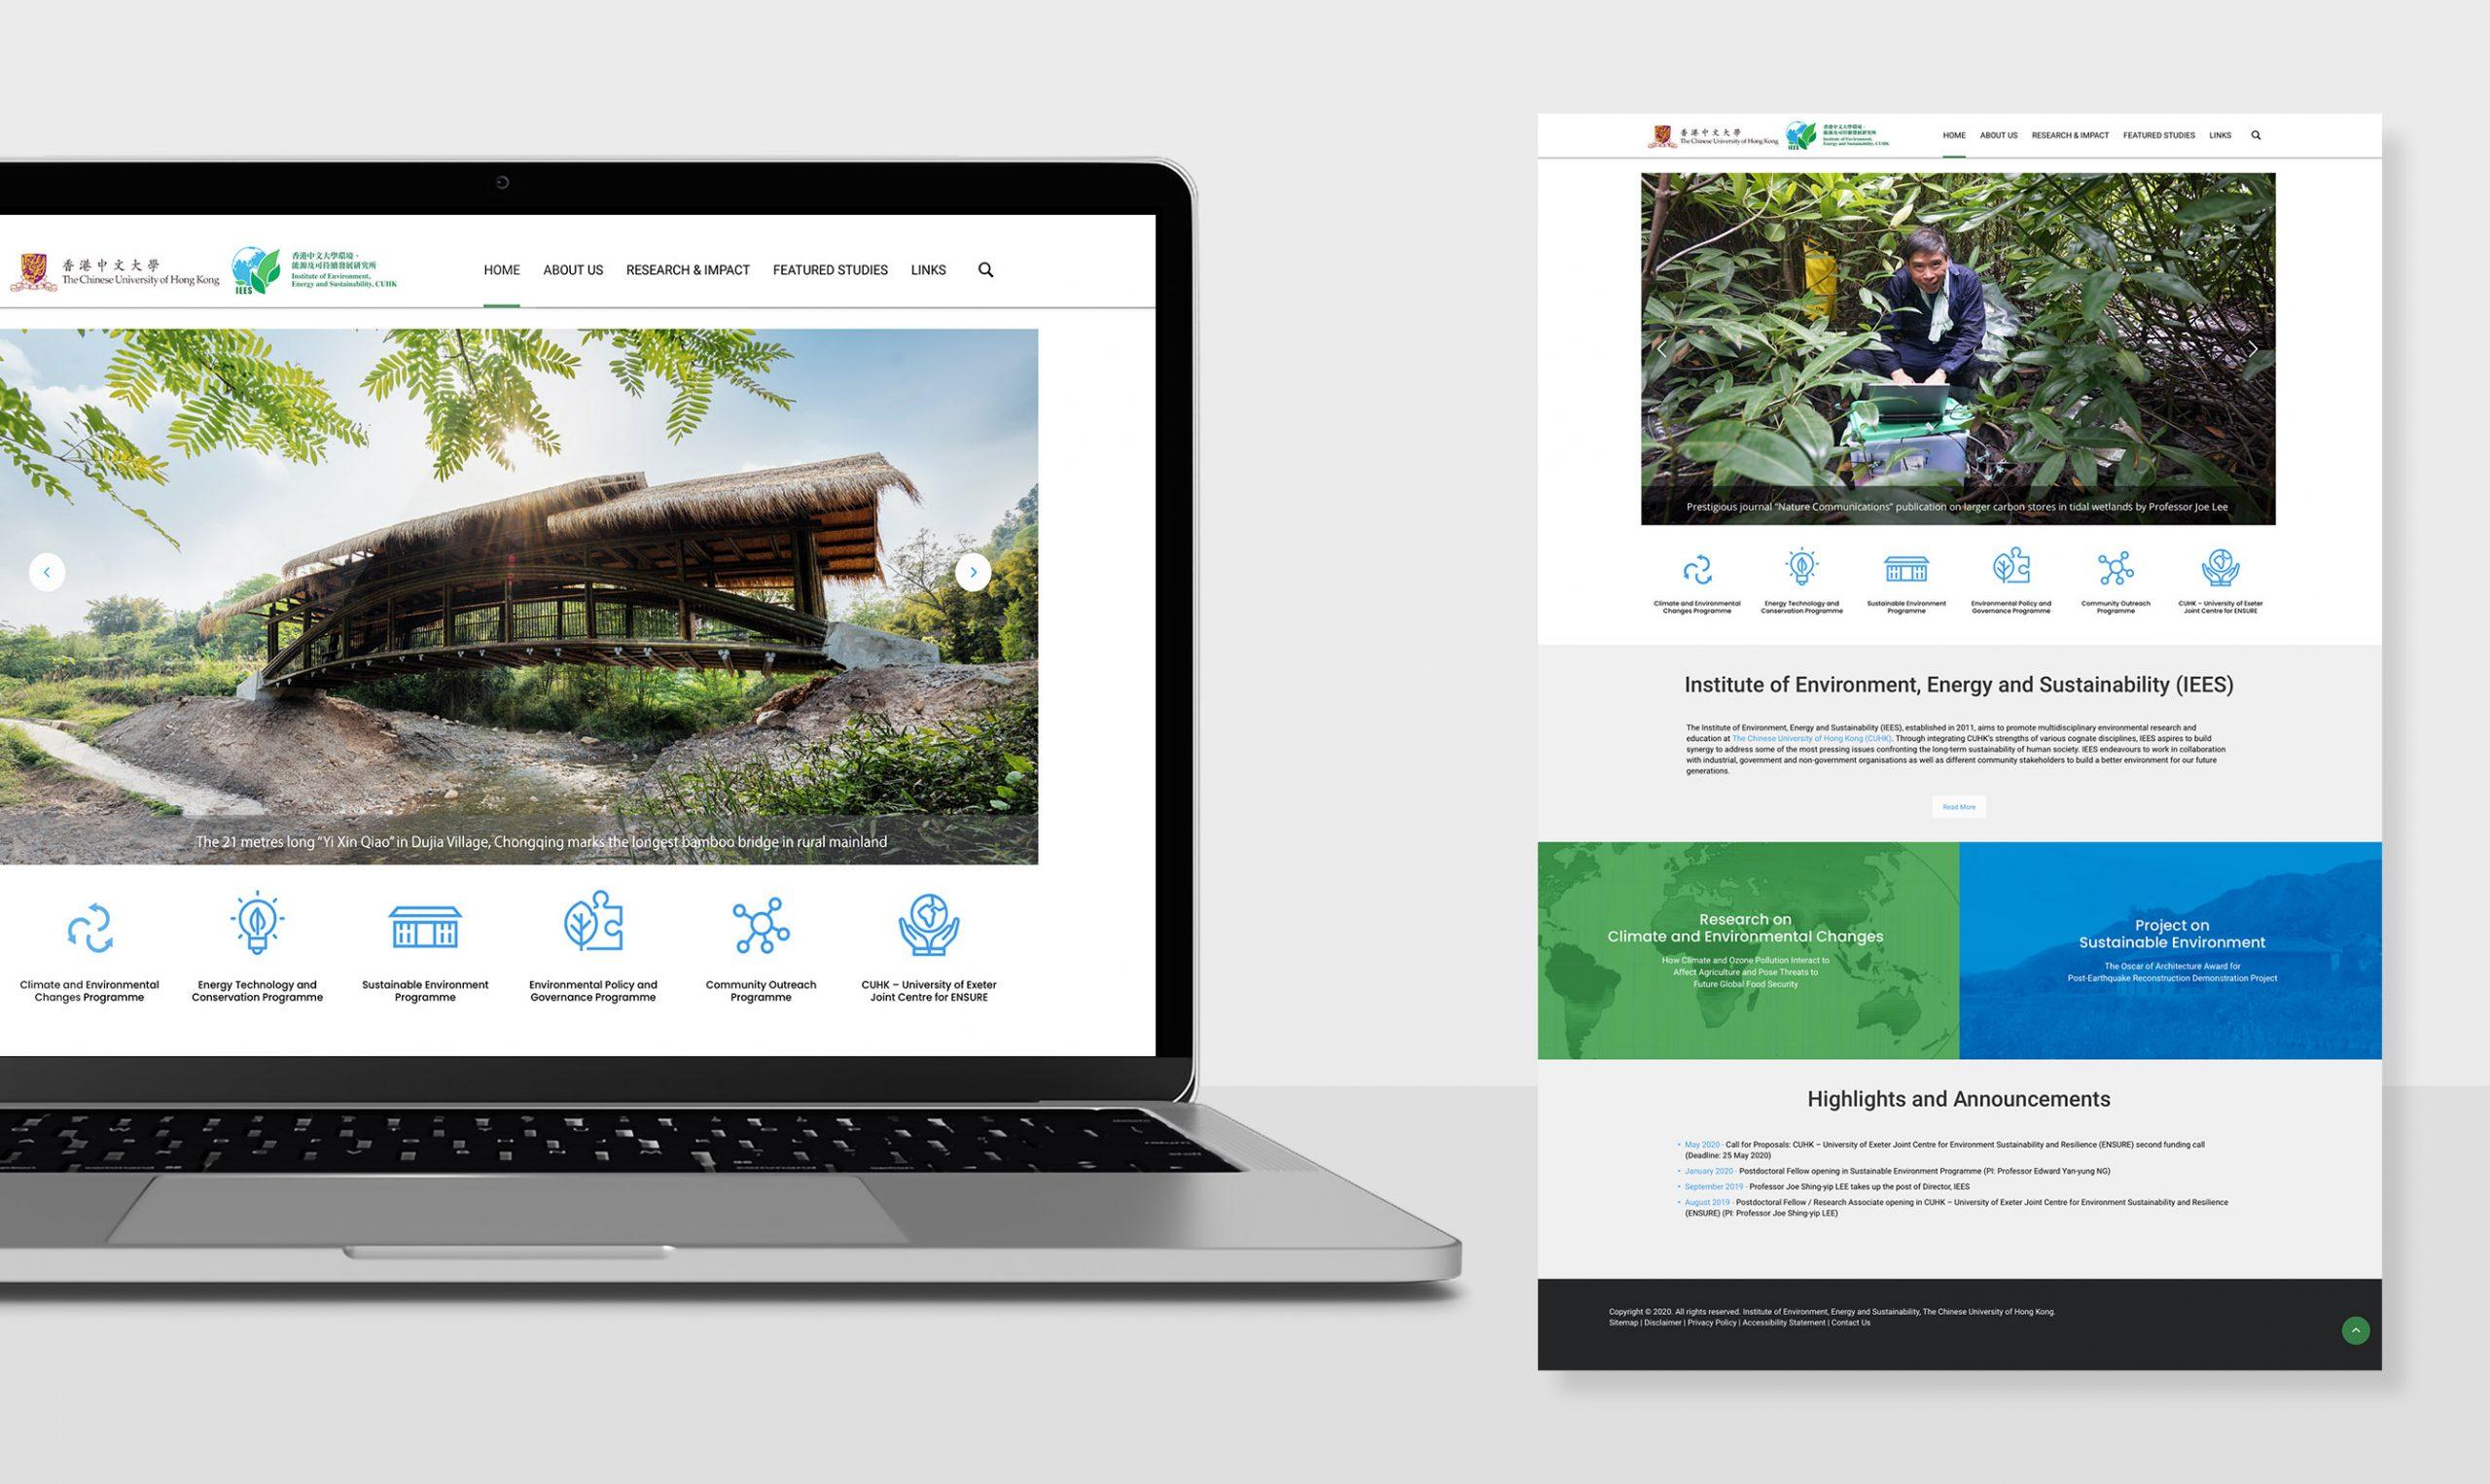 CUHK IEES Website